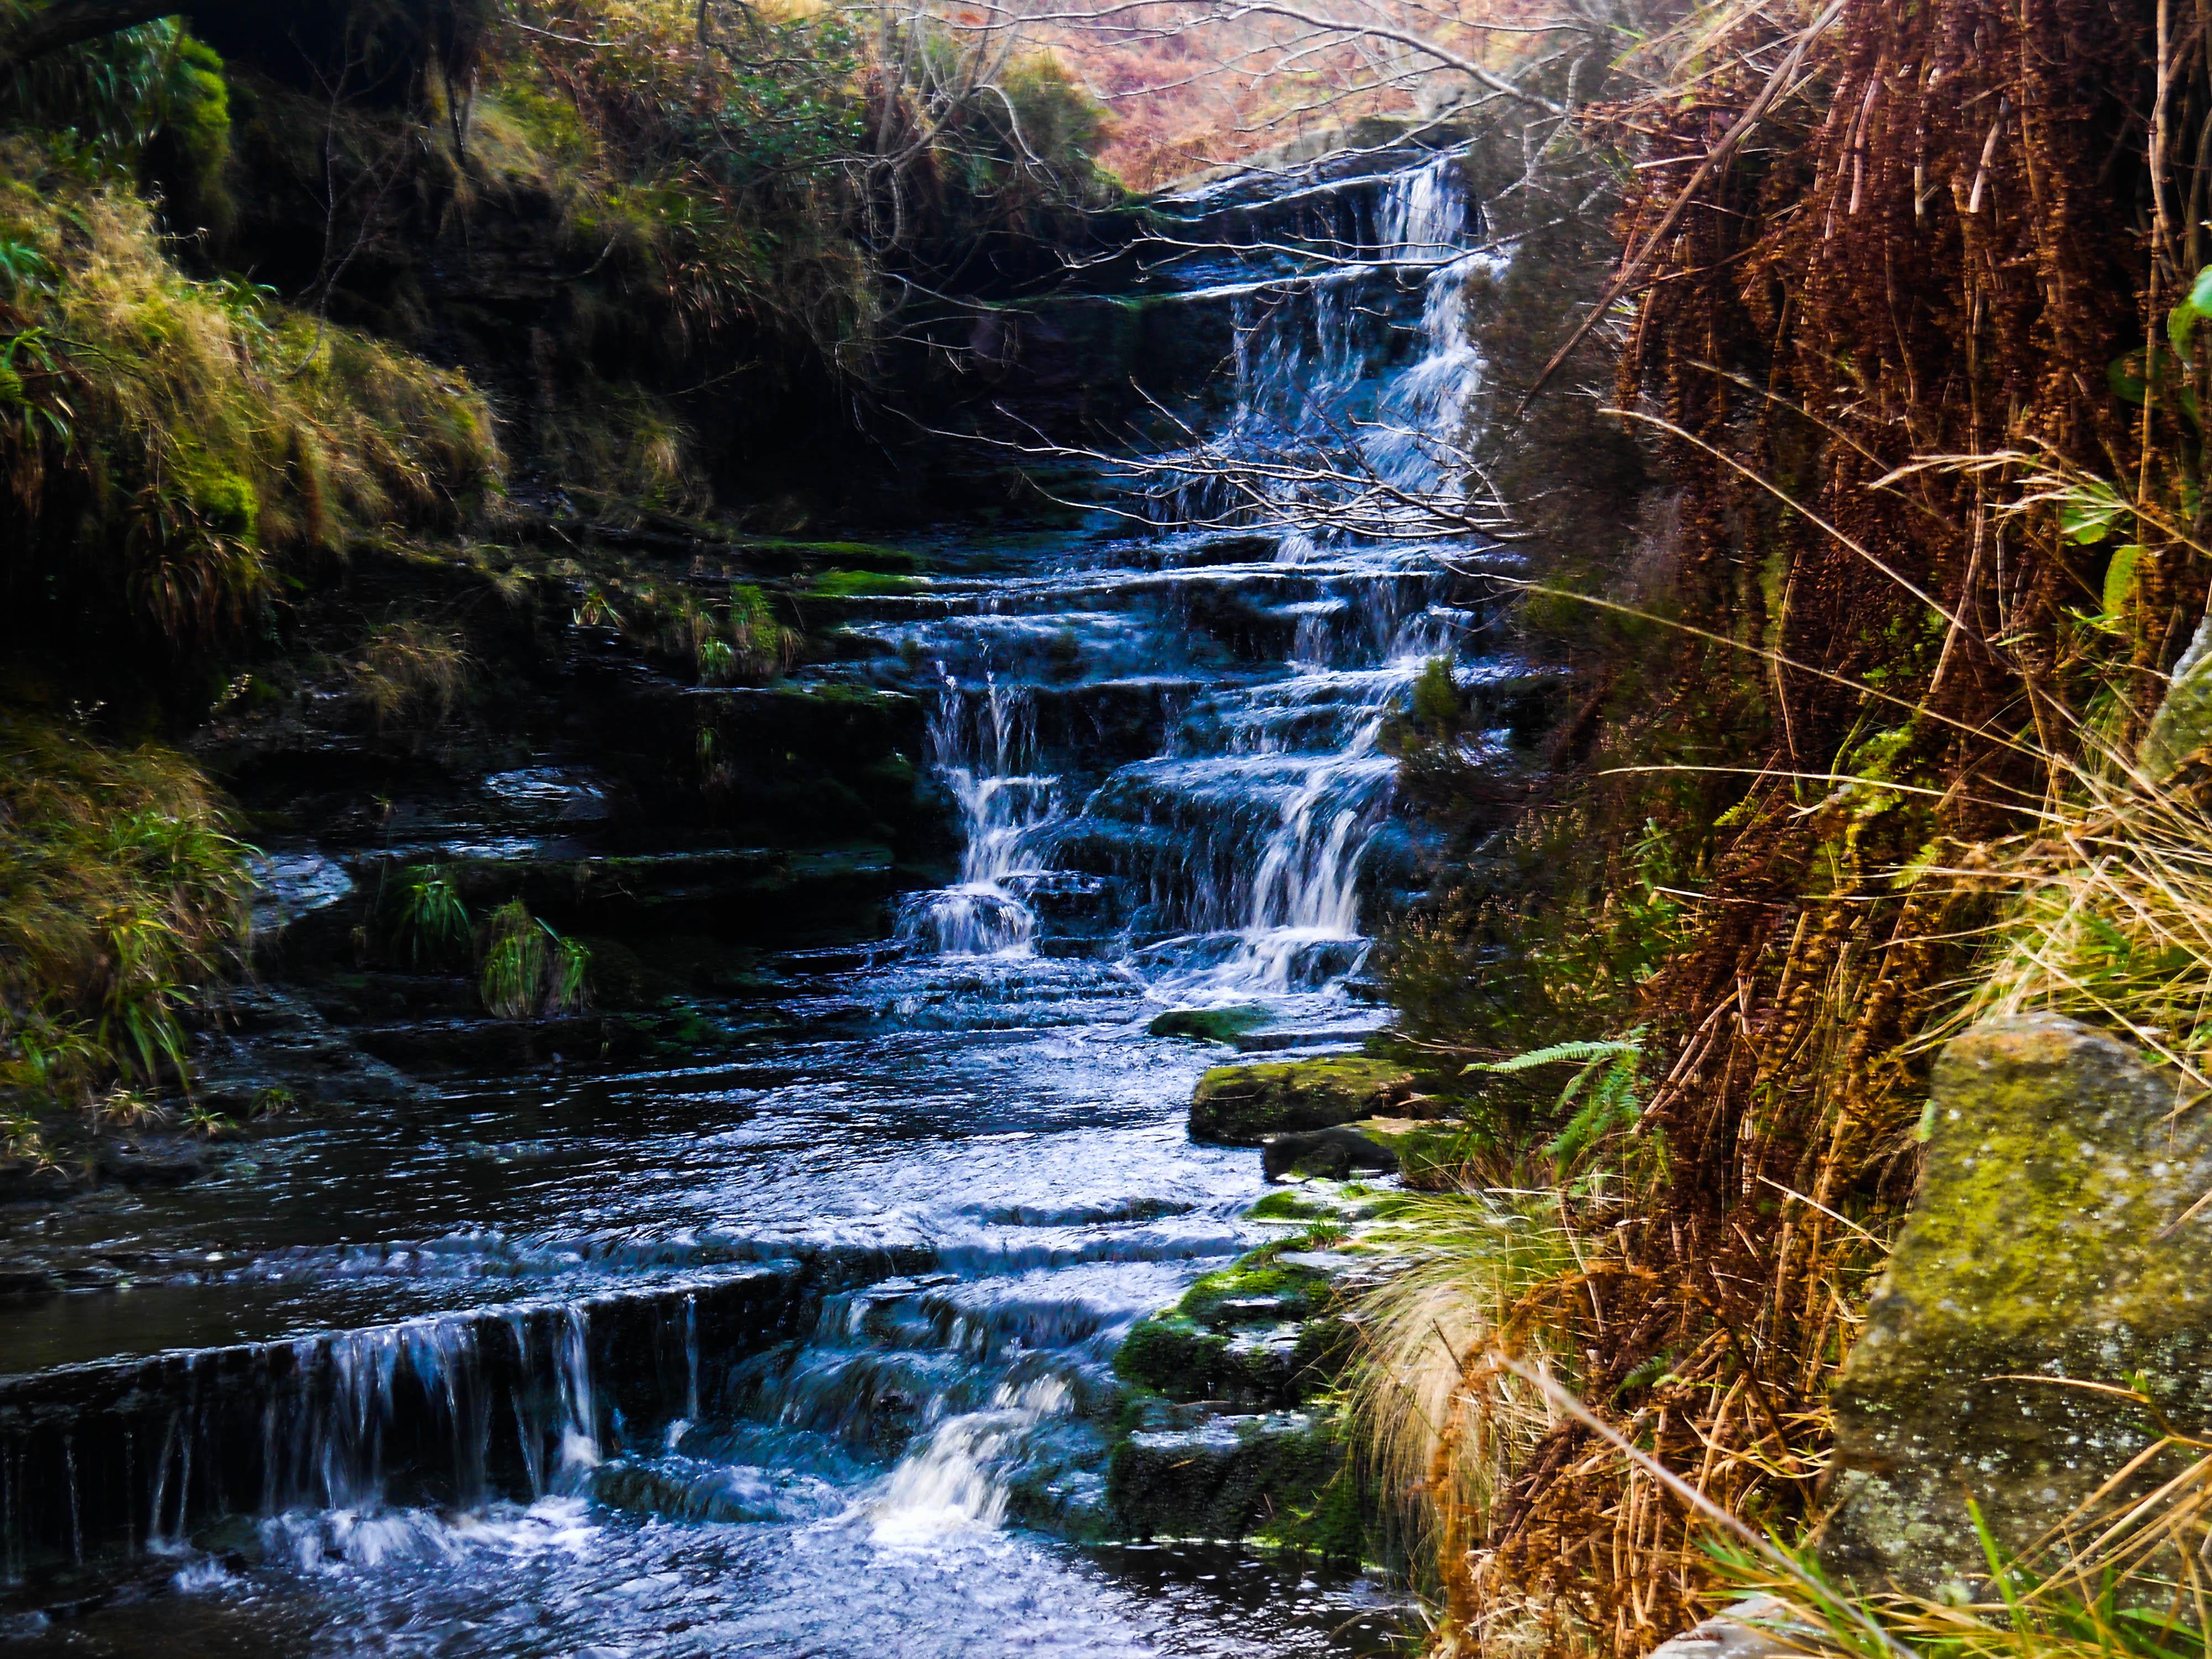 Water Fall. by liamquinn98